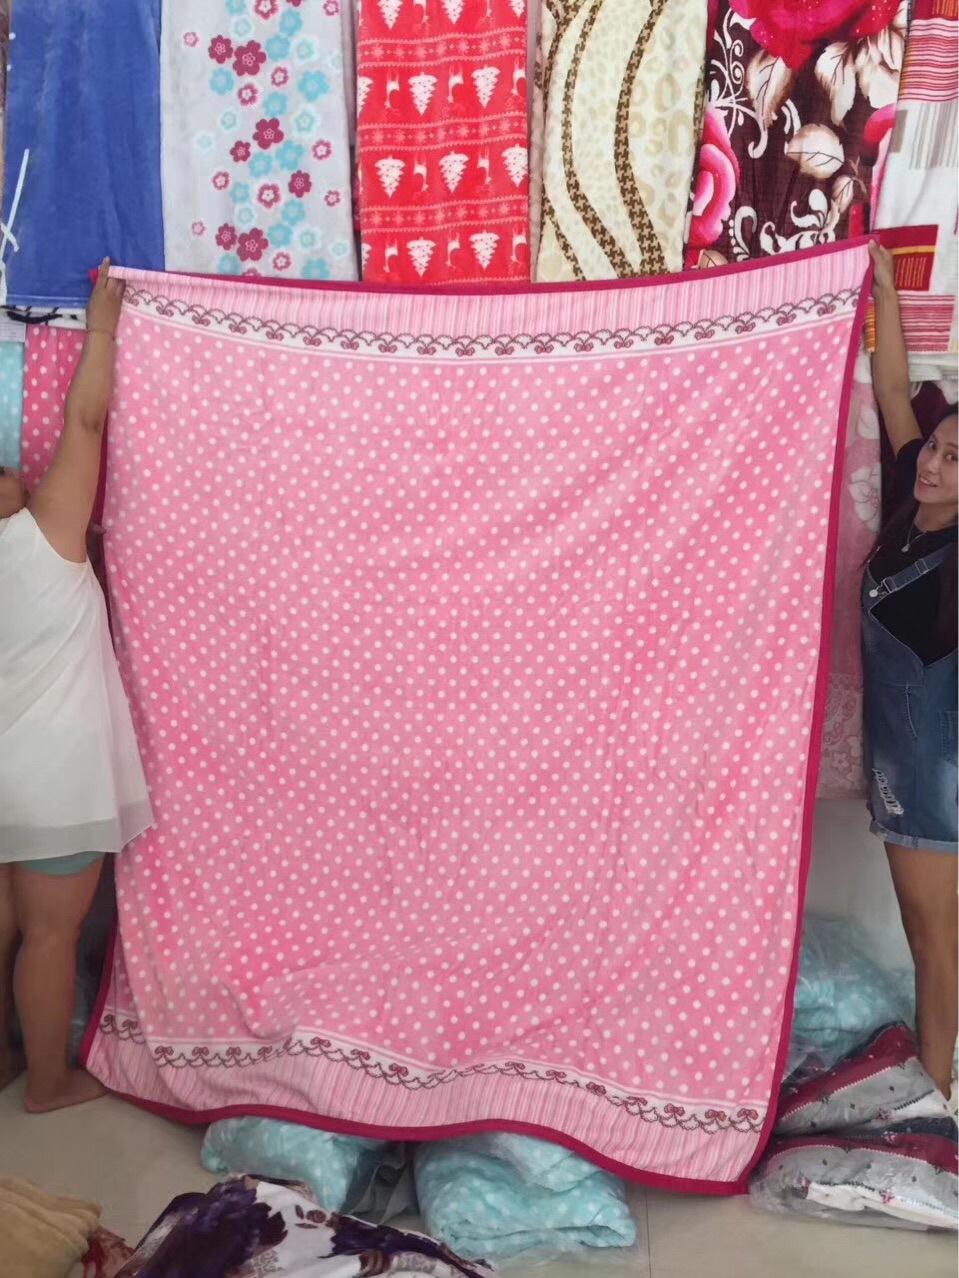 論斤稱毛毯批發 精美禮品法蘭絨毛毯按斤賣 地攤熱賣絨毯子 2019跑江湖展會